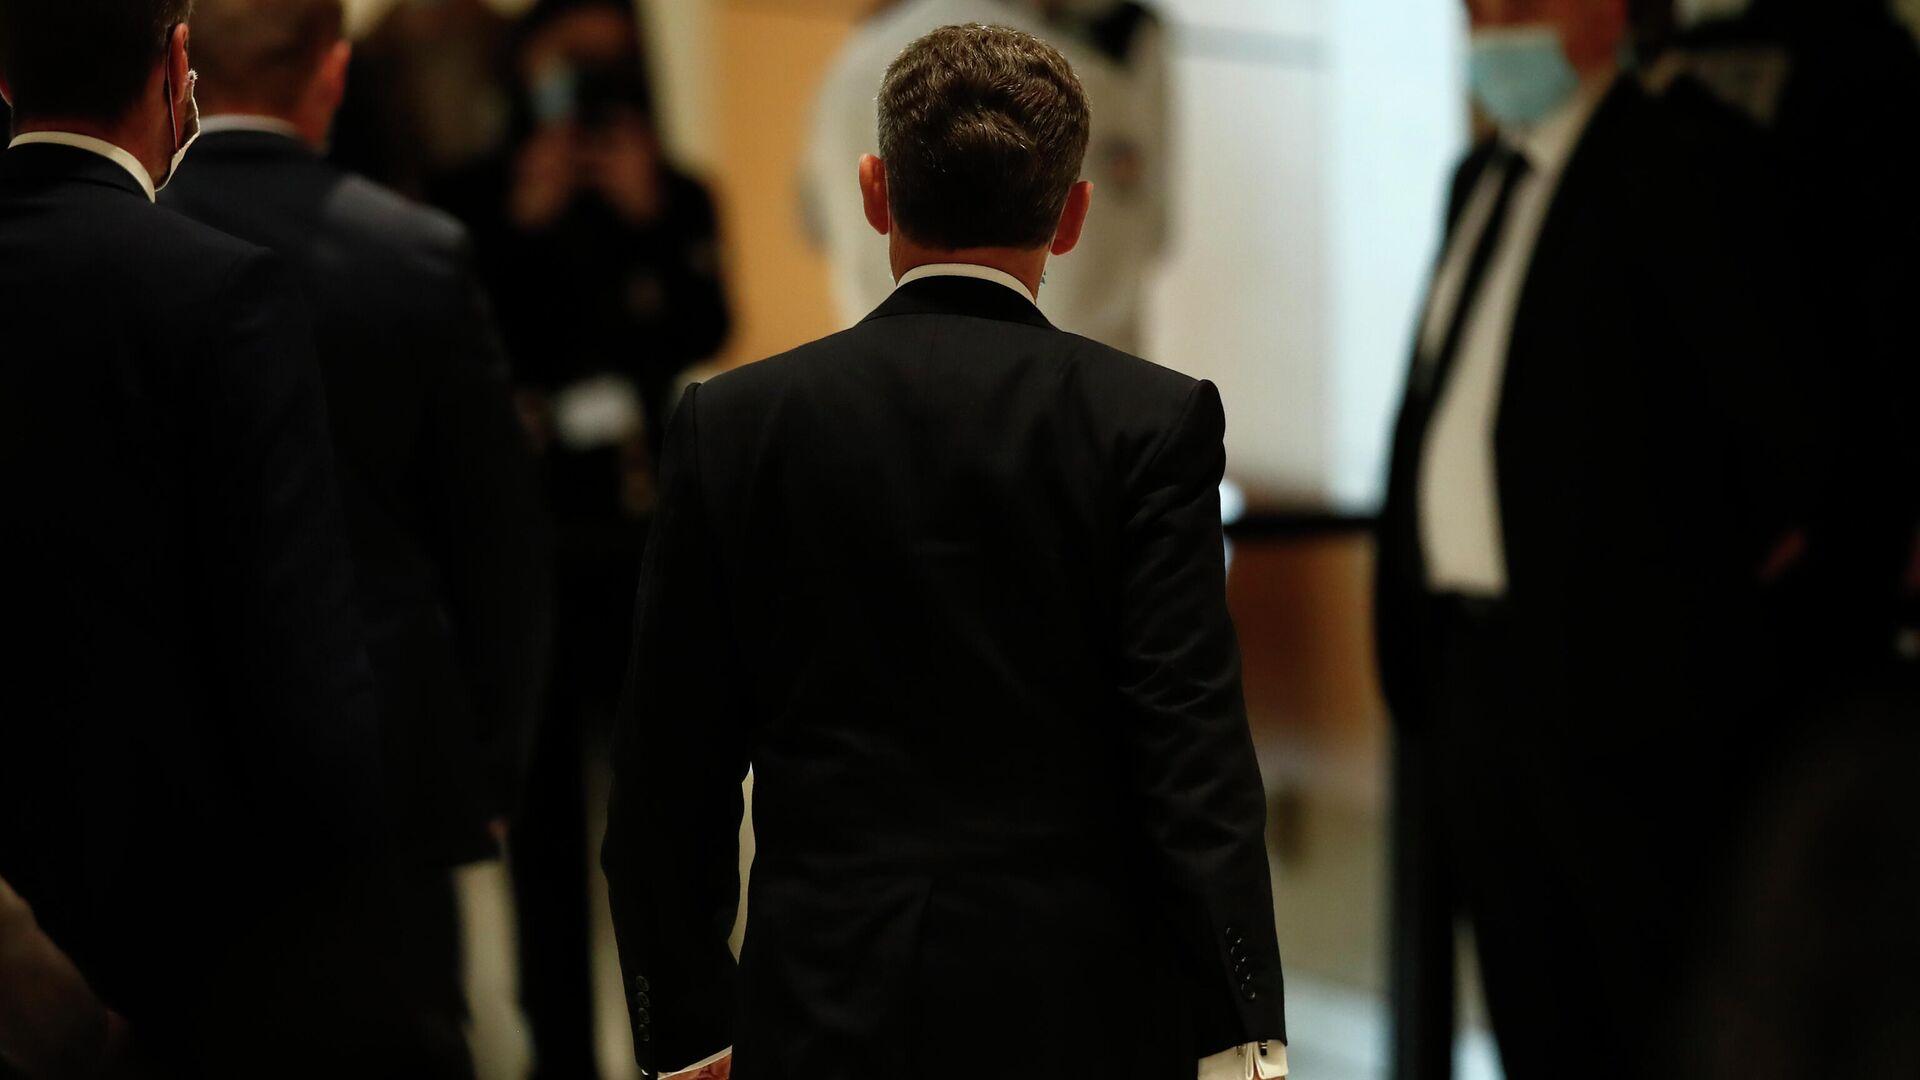 Бывший президент Франции Николя Саркози выходит из здания суда в Париже  - РИА Новости, 1920, 17.06.2021